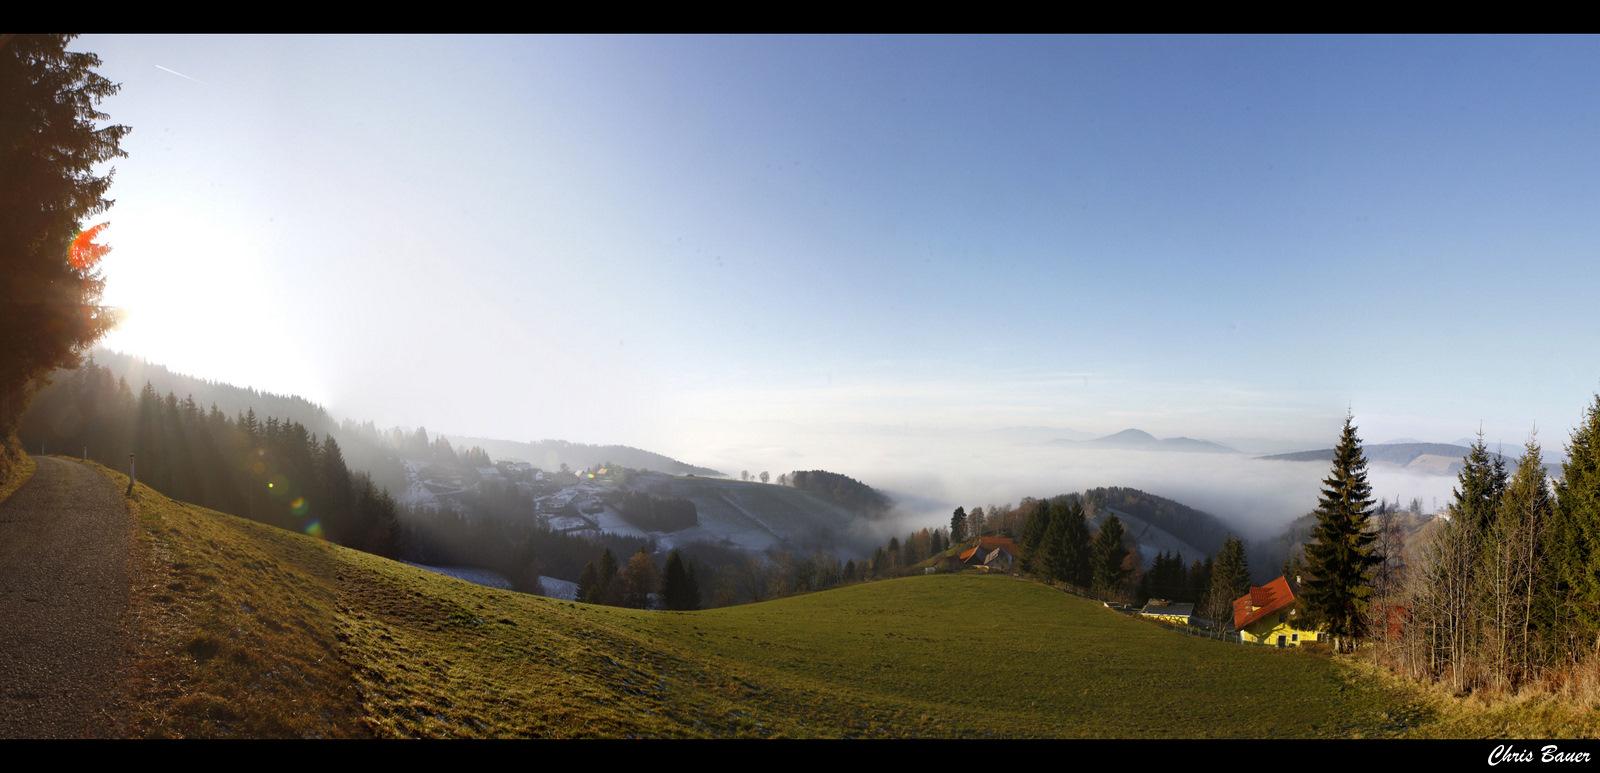 ...die Melancholie vorüberziehen lassen wie eine Wolke, ..